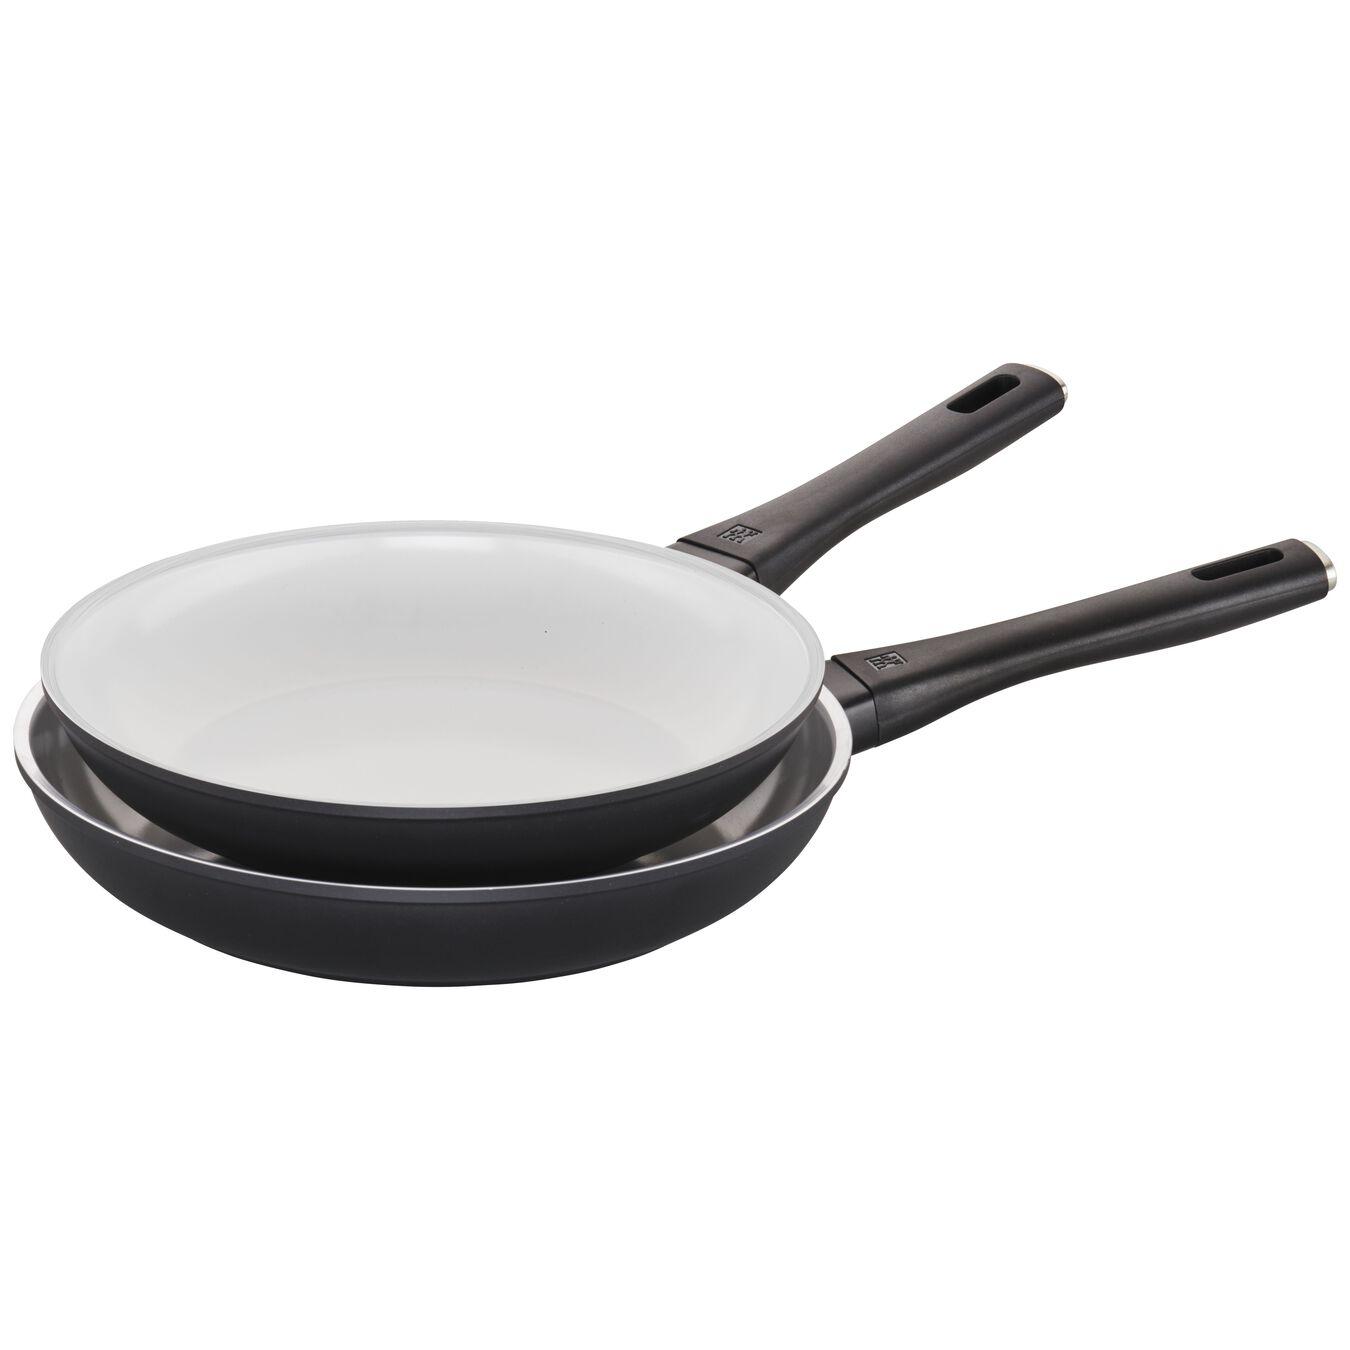 2-pc Fry Pan Set,,large 1